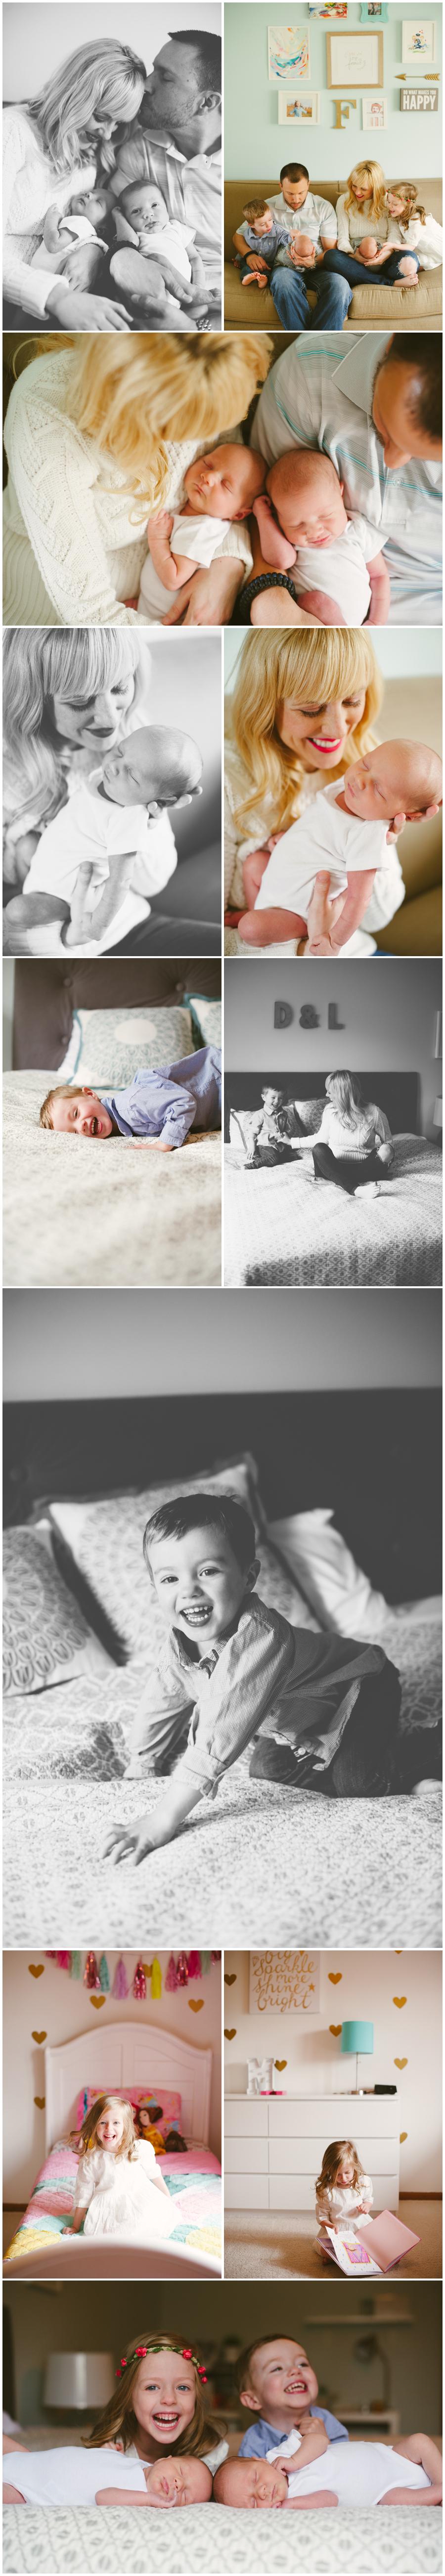 Blog Collage-Liz-3